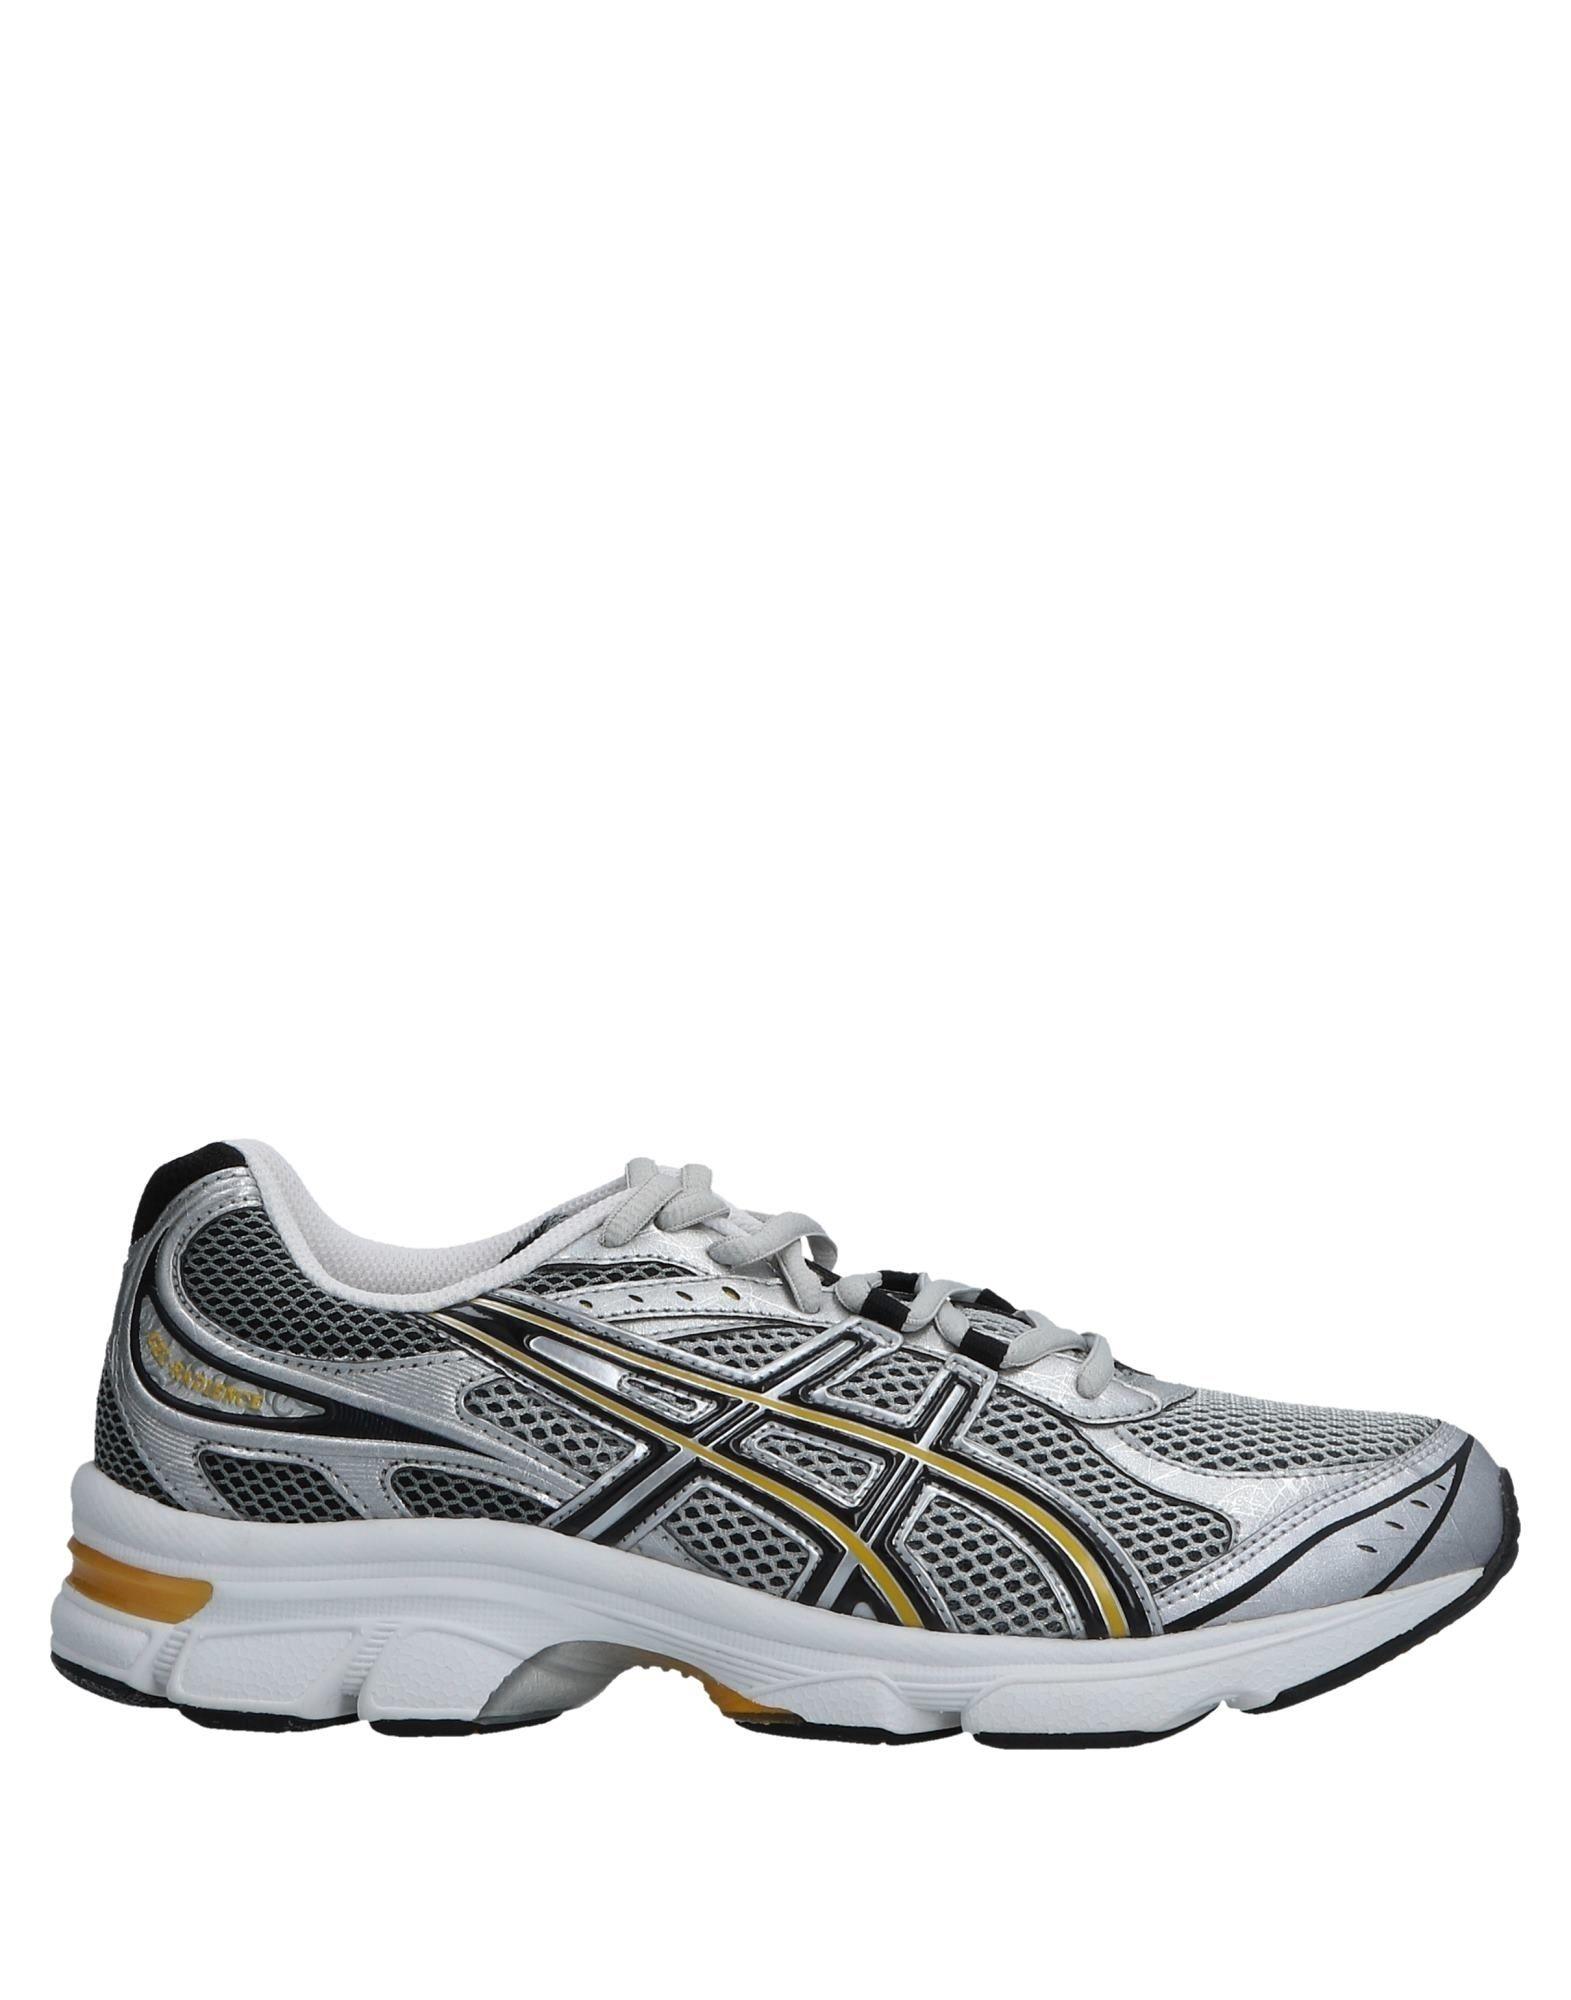 Scarpe - economiche e resistenti Sneakers Asics Uomo - Scarpe 11531884MA 194087